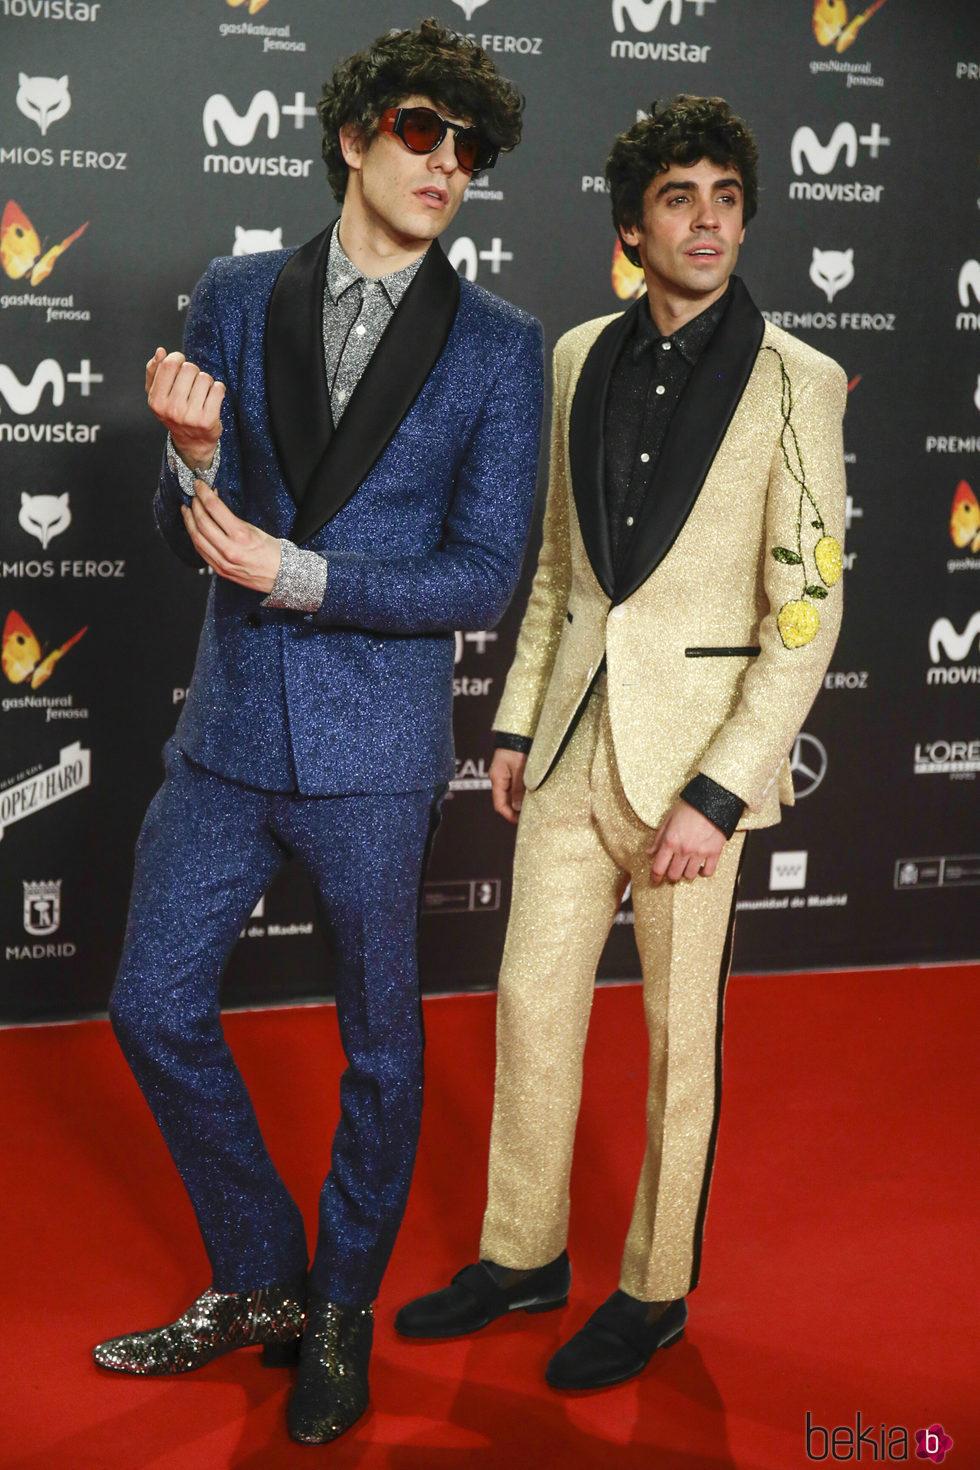 Javier Calvo y Javier Ambrossi en la alfombra roja de los Premios Feroz 2018